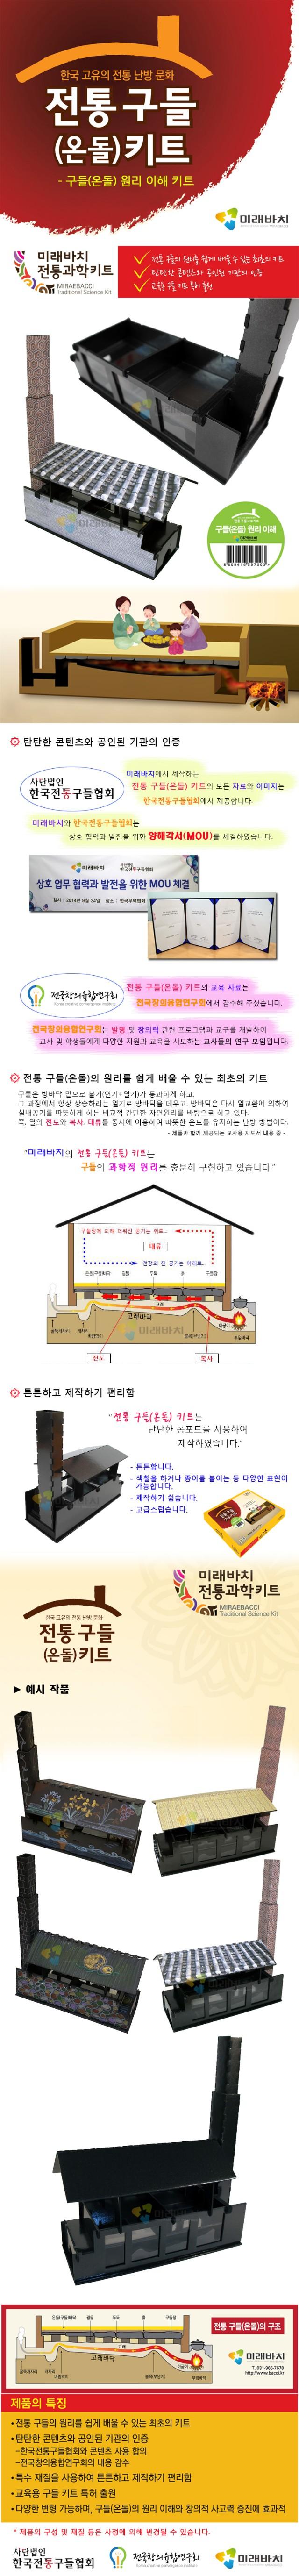 구들(온돌) 키트  최종_2019.jpg